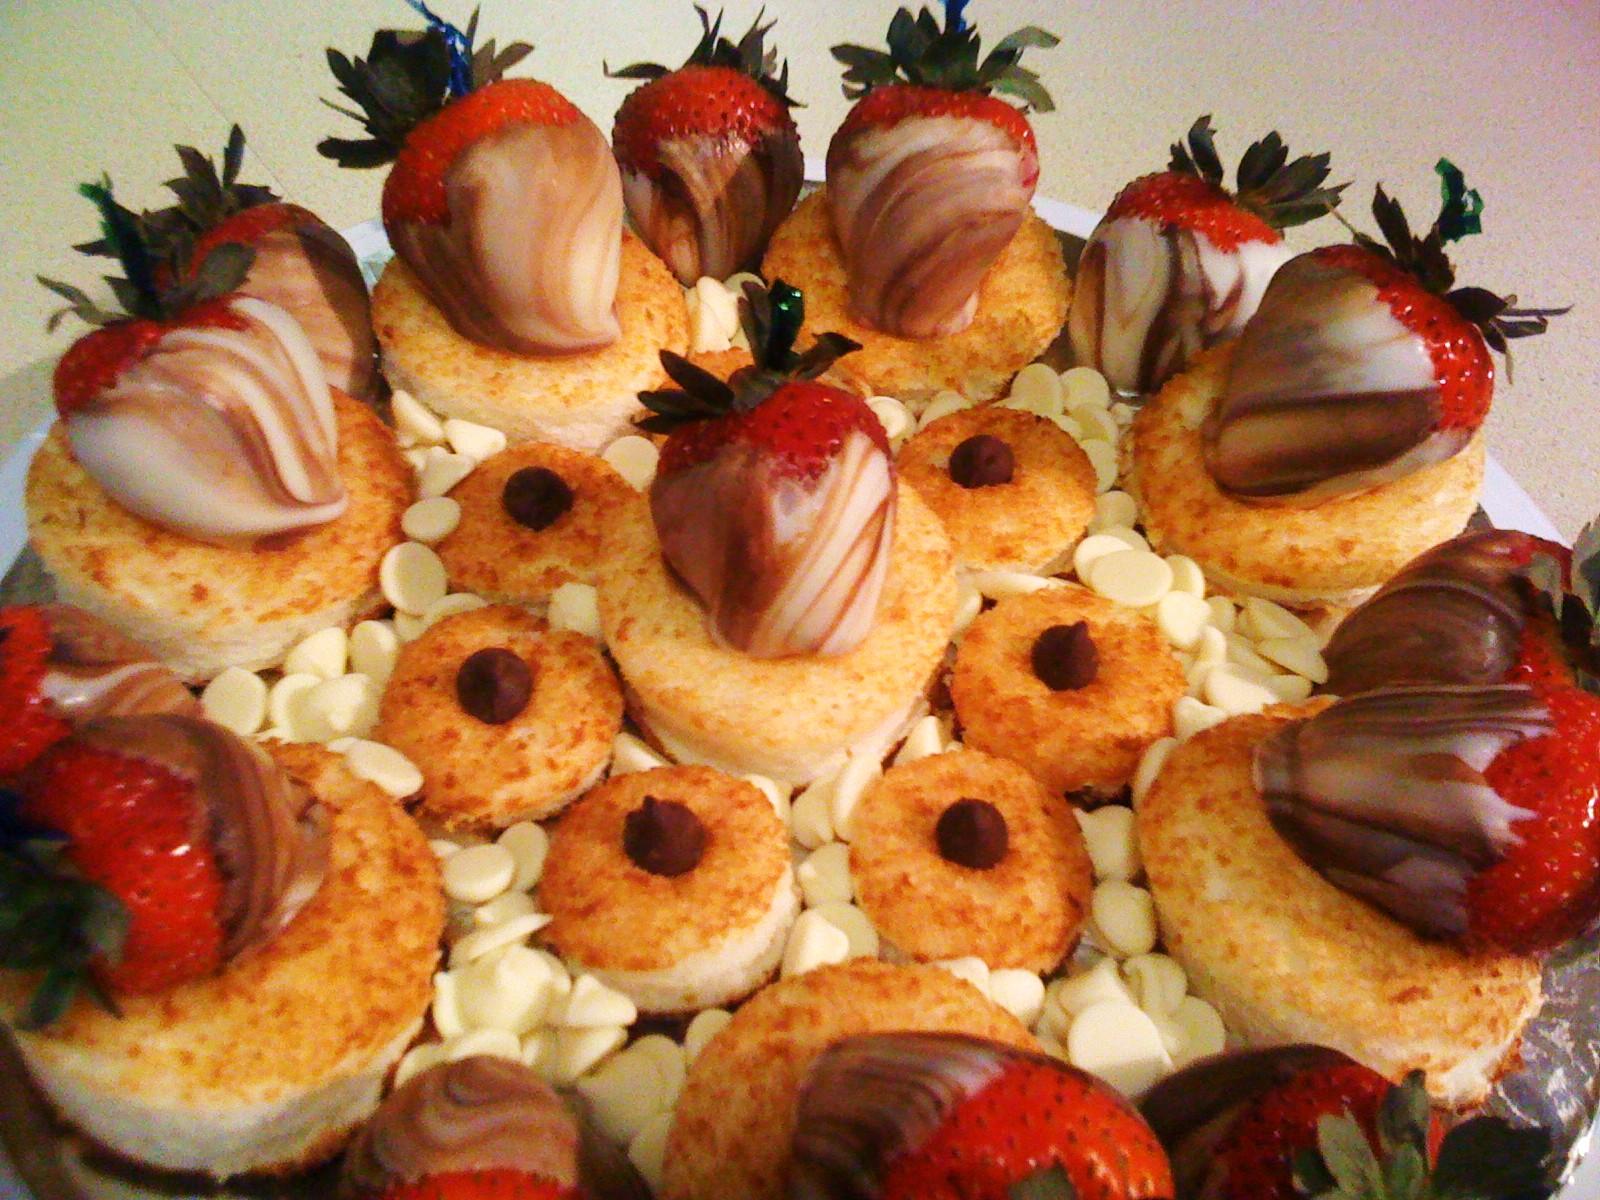 Chocolate Strawberries 1.JPG